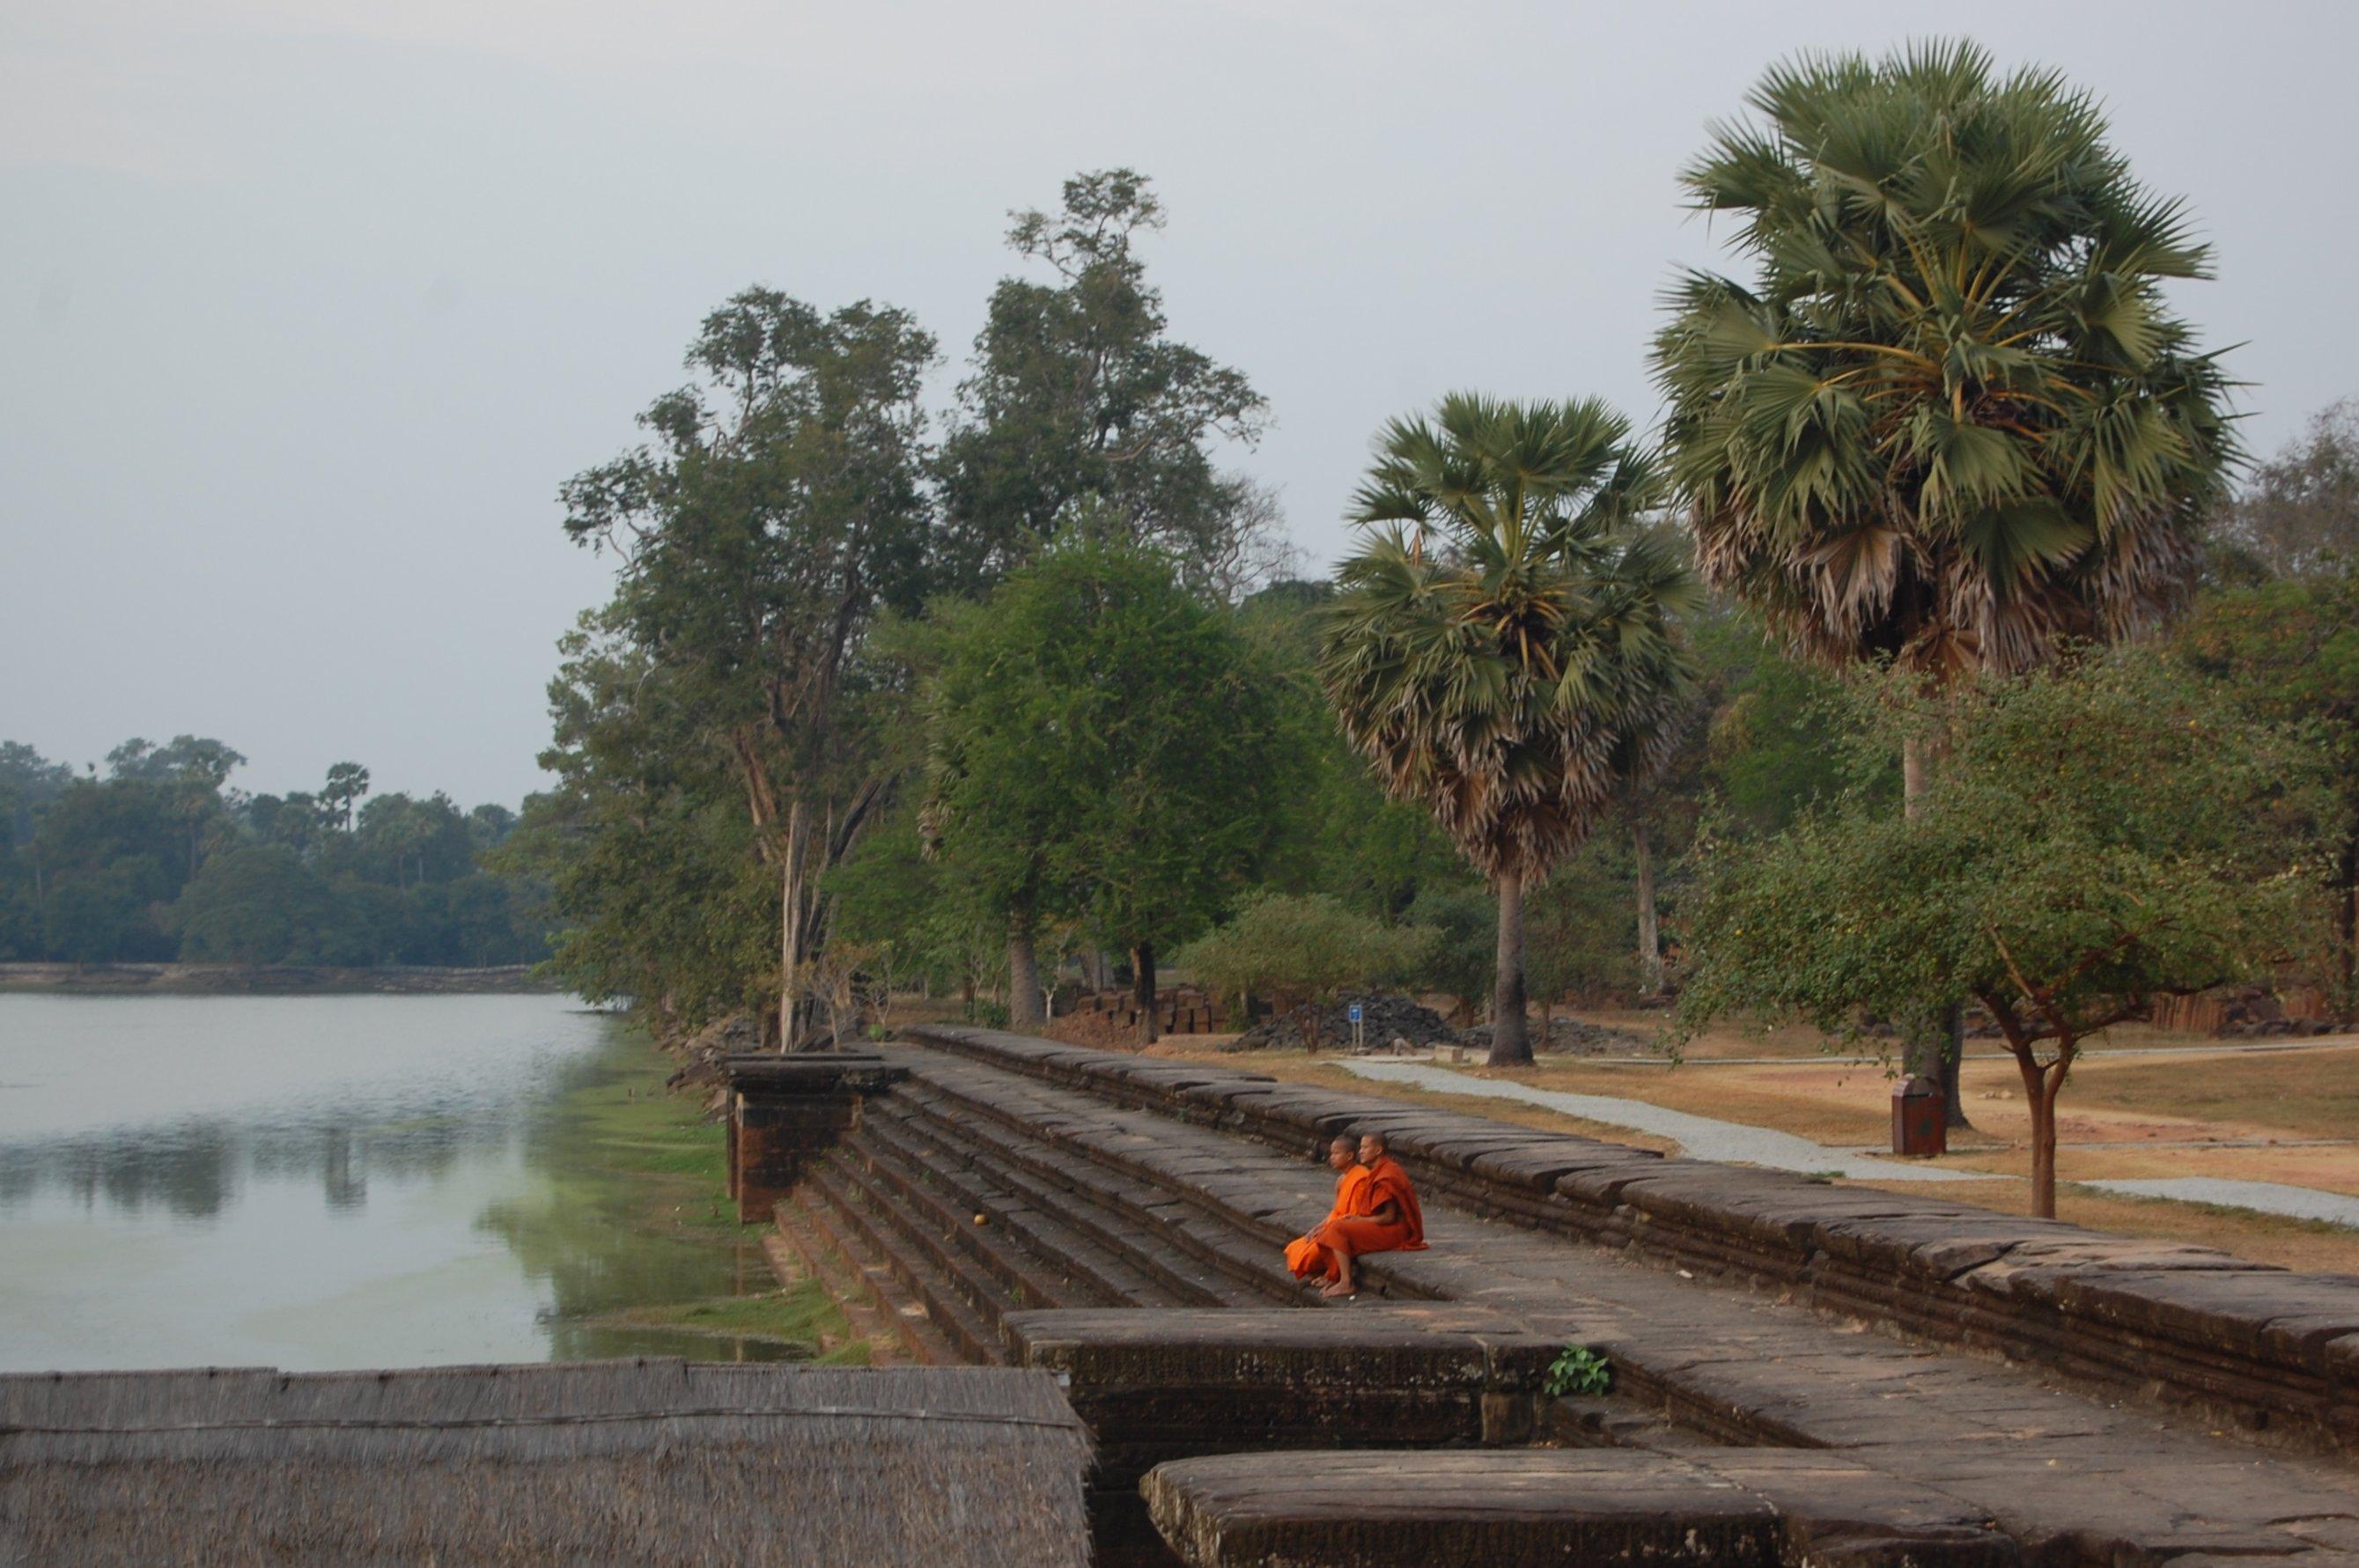 Mniši u vodního příkopu